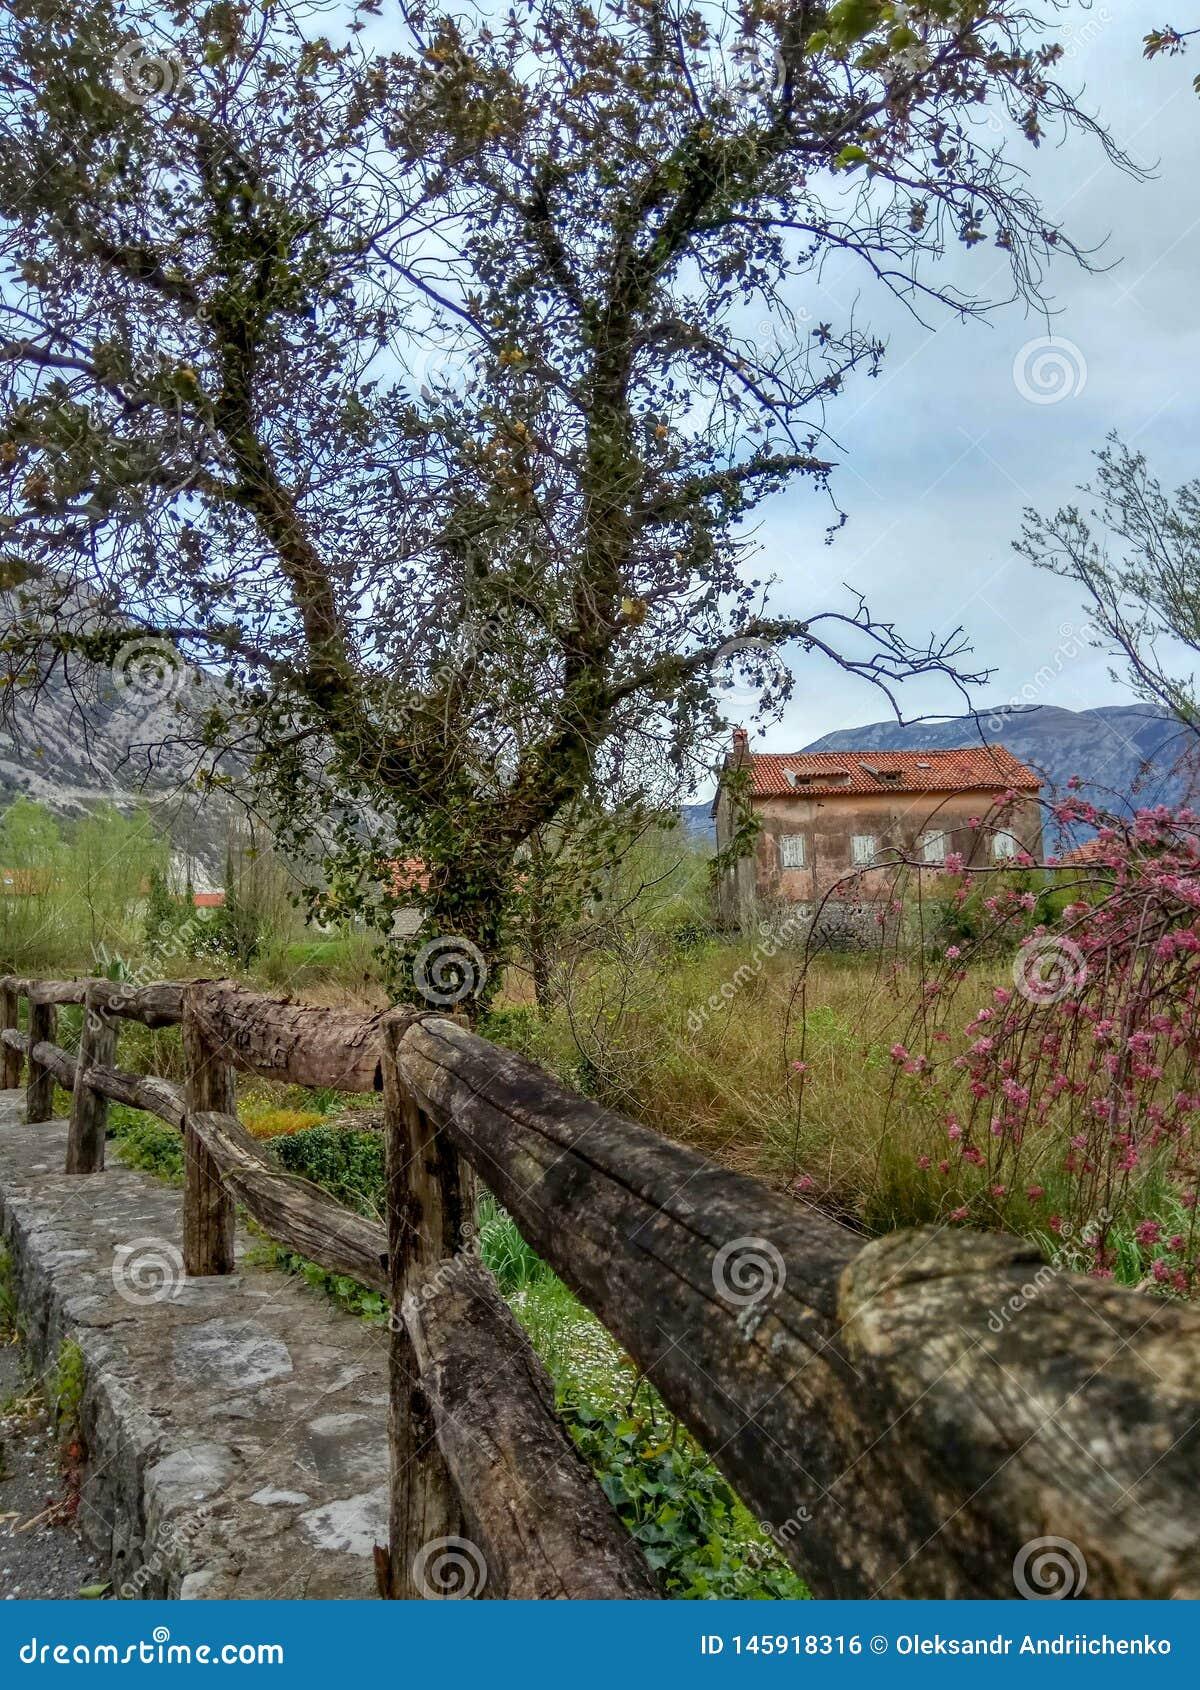 Bretterzaun und altes Haus in einem Dorf